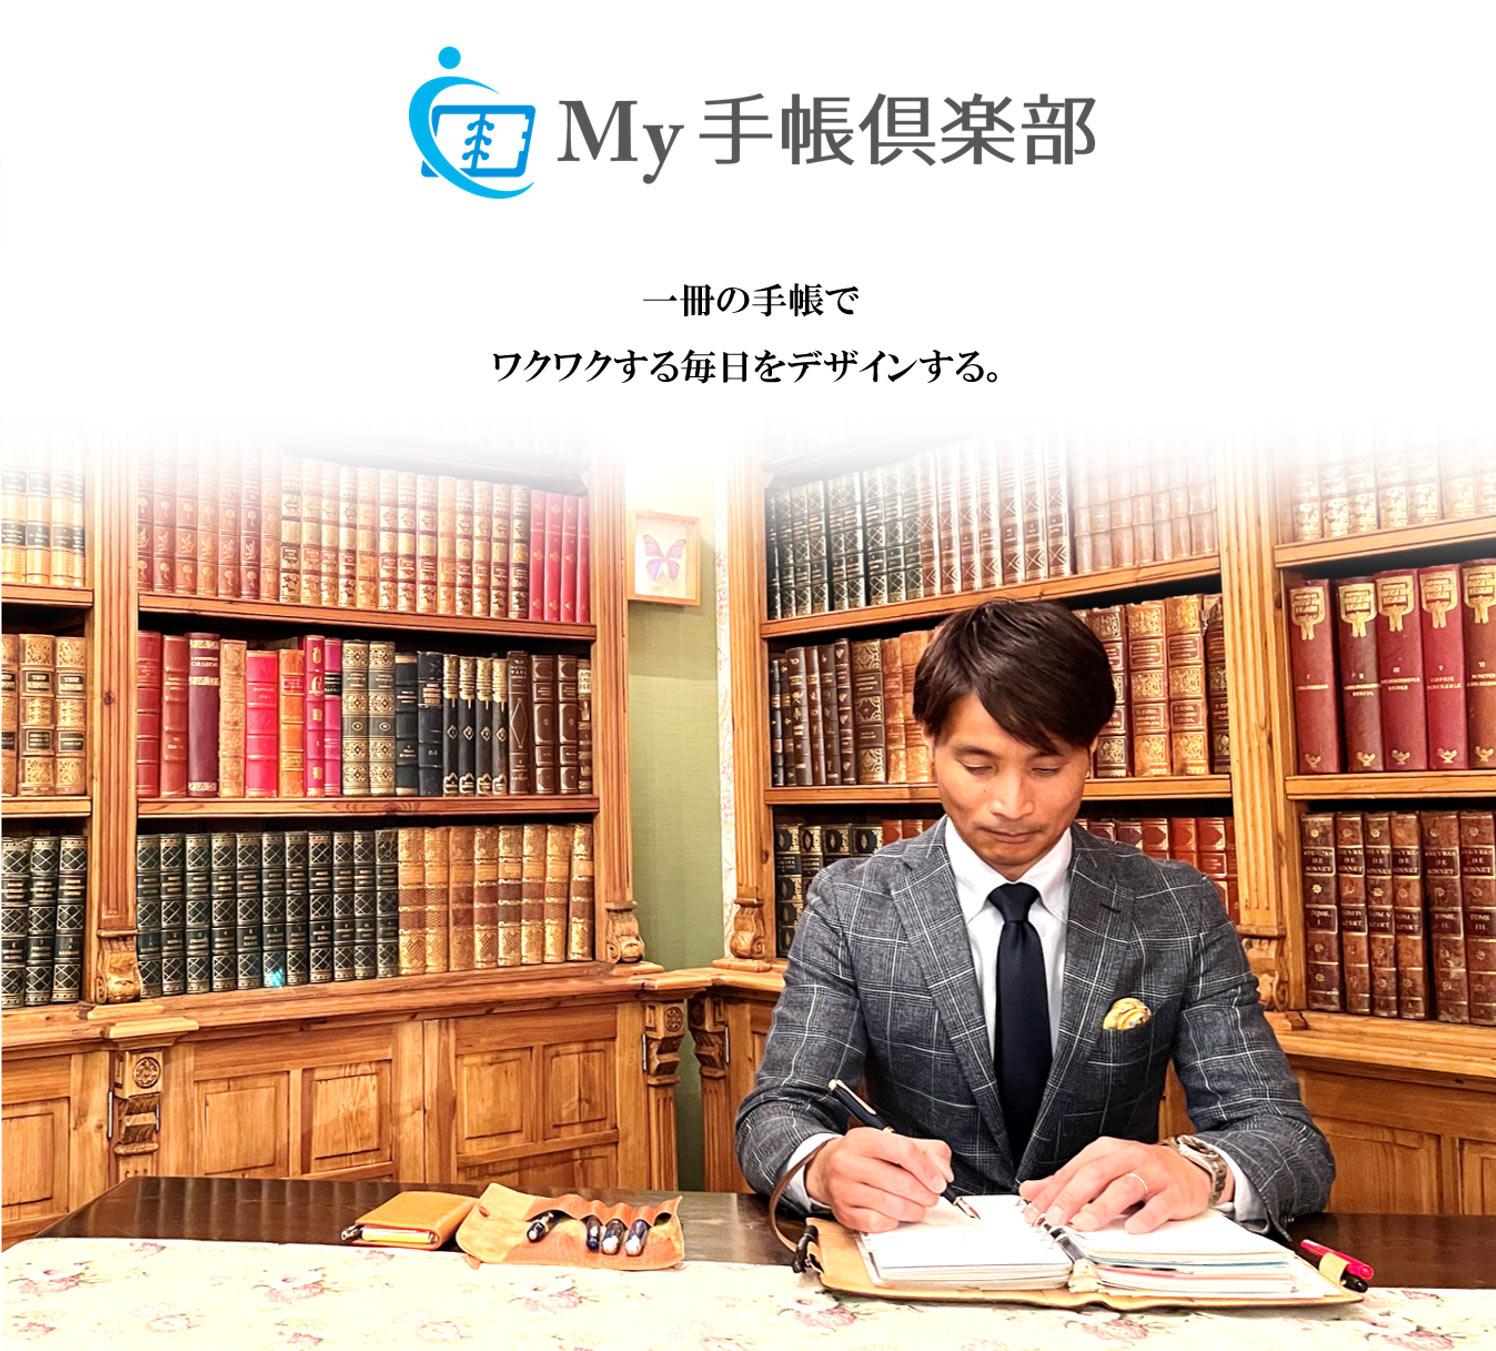 My手帳倶楽部